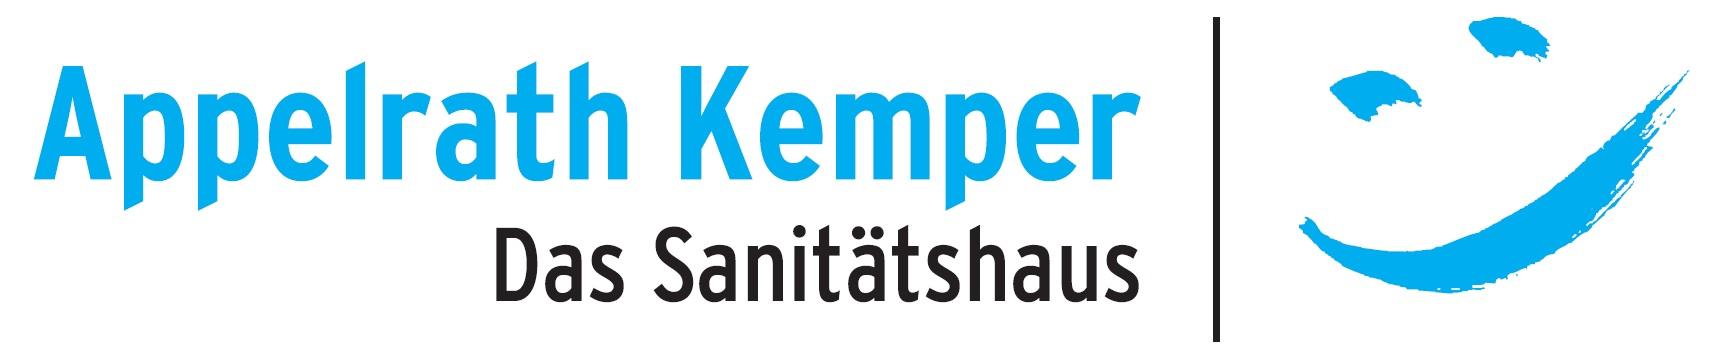 Appelrath & Kemper